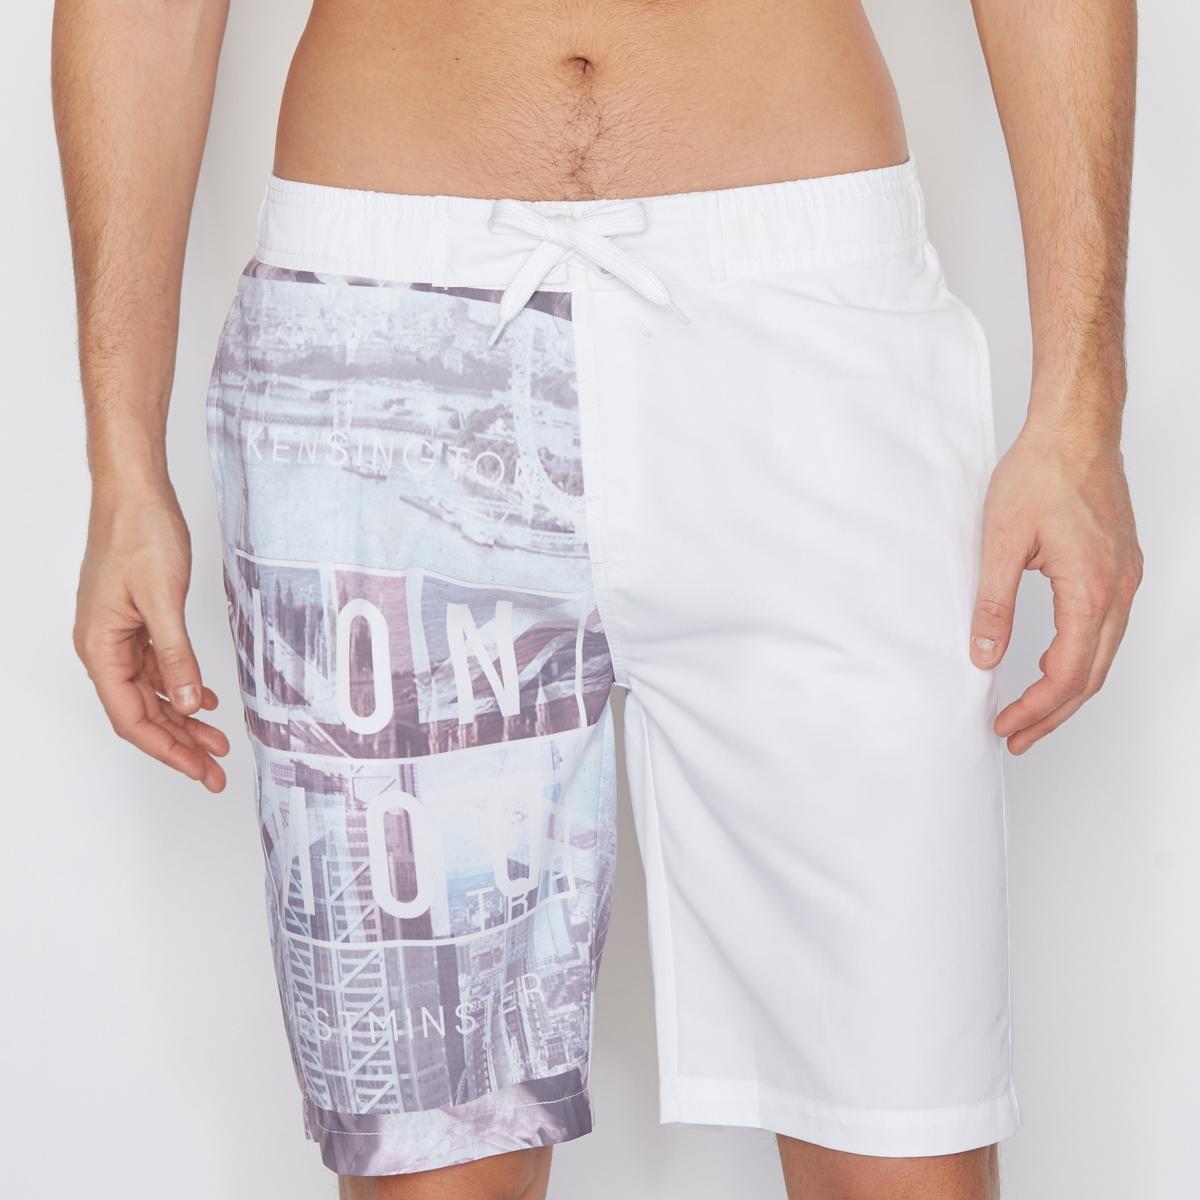 Шорты для плаванияШорты для плавания с рисунком на одной штанине .  Эластичный пояс с завязками. 2 боковых кармана и один задний карман . Состав и описание :Материал : 100% полиэстера<br><br>Цвет: белый наб.рисунок<br>Размер: XL